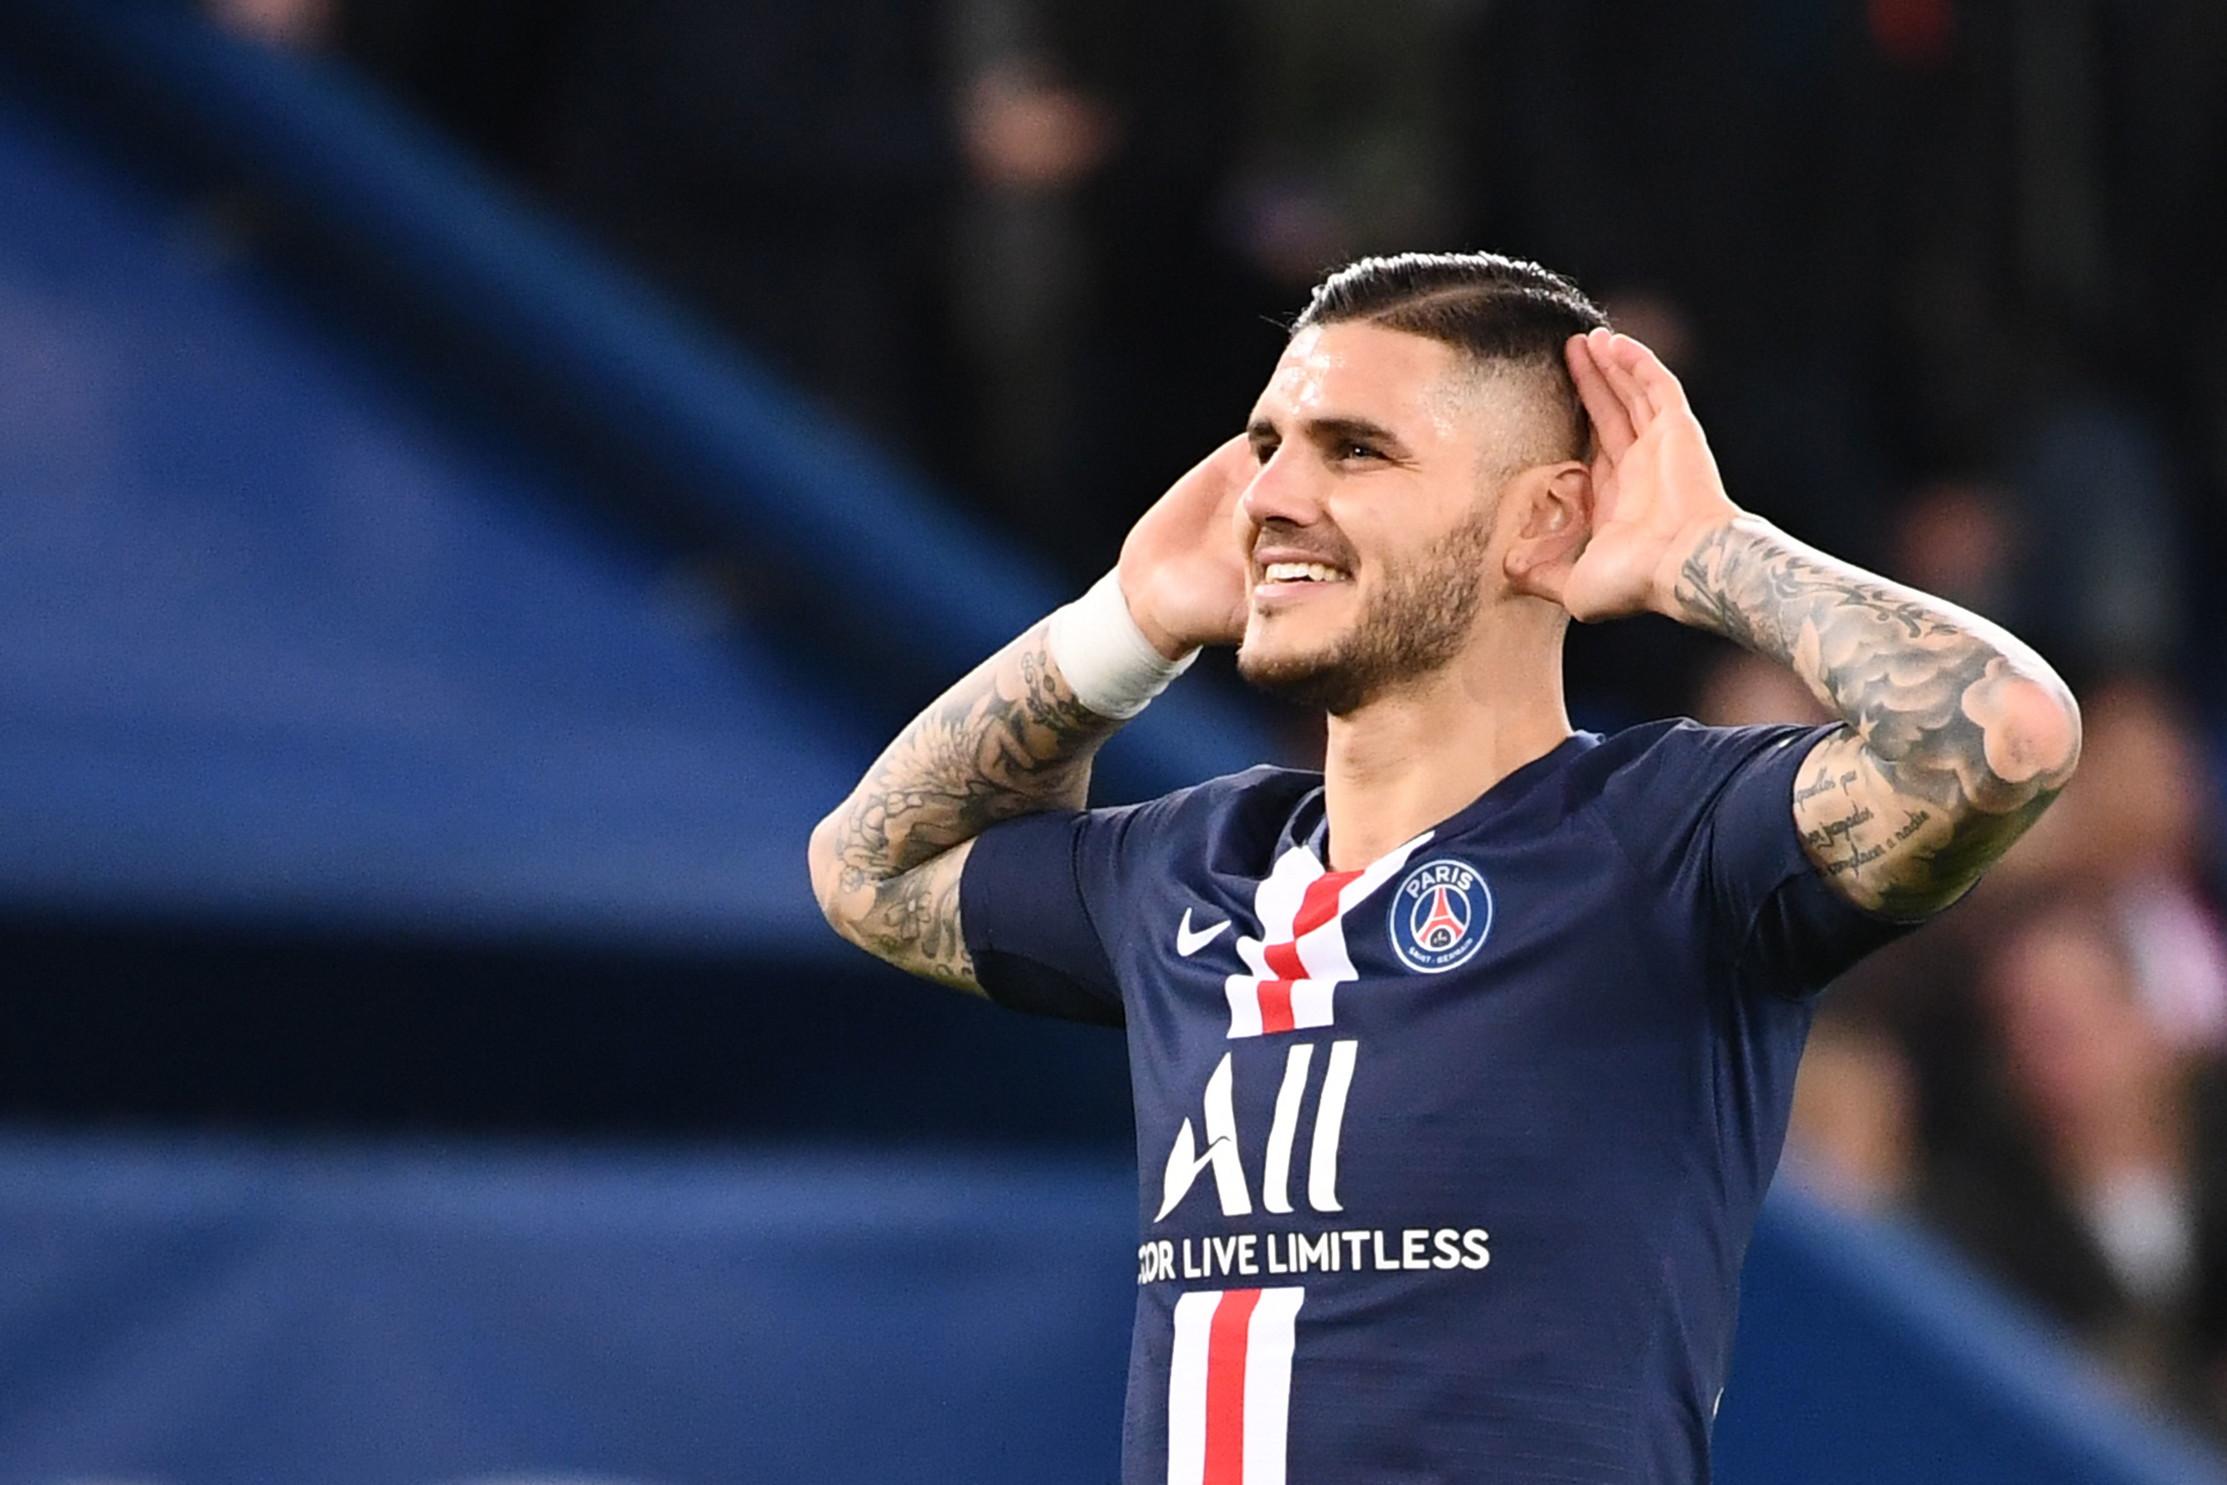 Ancora in gol Mauro Icardi nella vittoria del Paris Saint-Germain sul Lilla. All'argentino sono bastati 17 minuti per portare in vantaggio i suoi ...